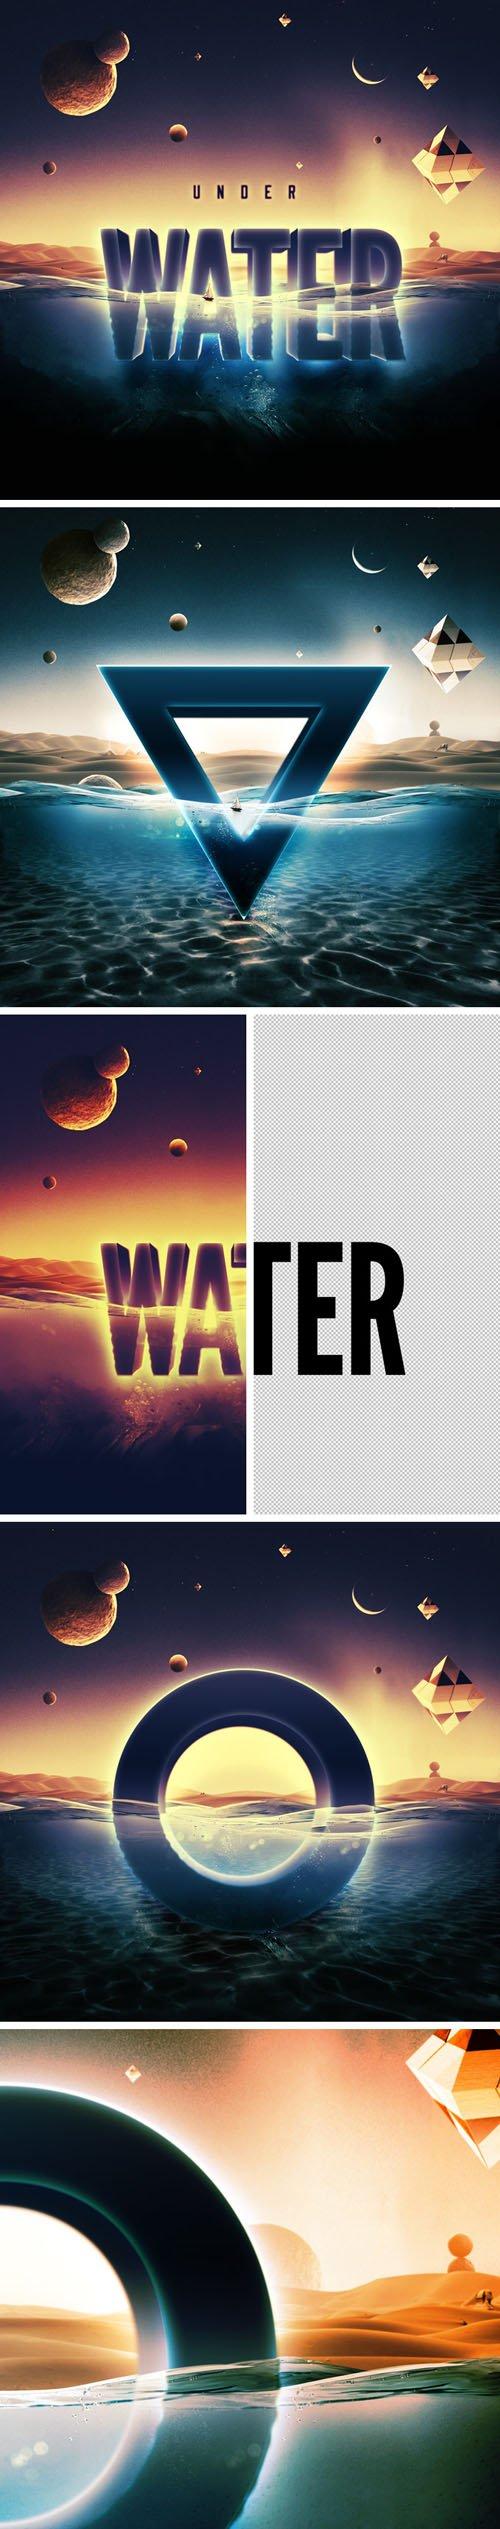 Underwater Photoshop Text Effect